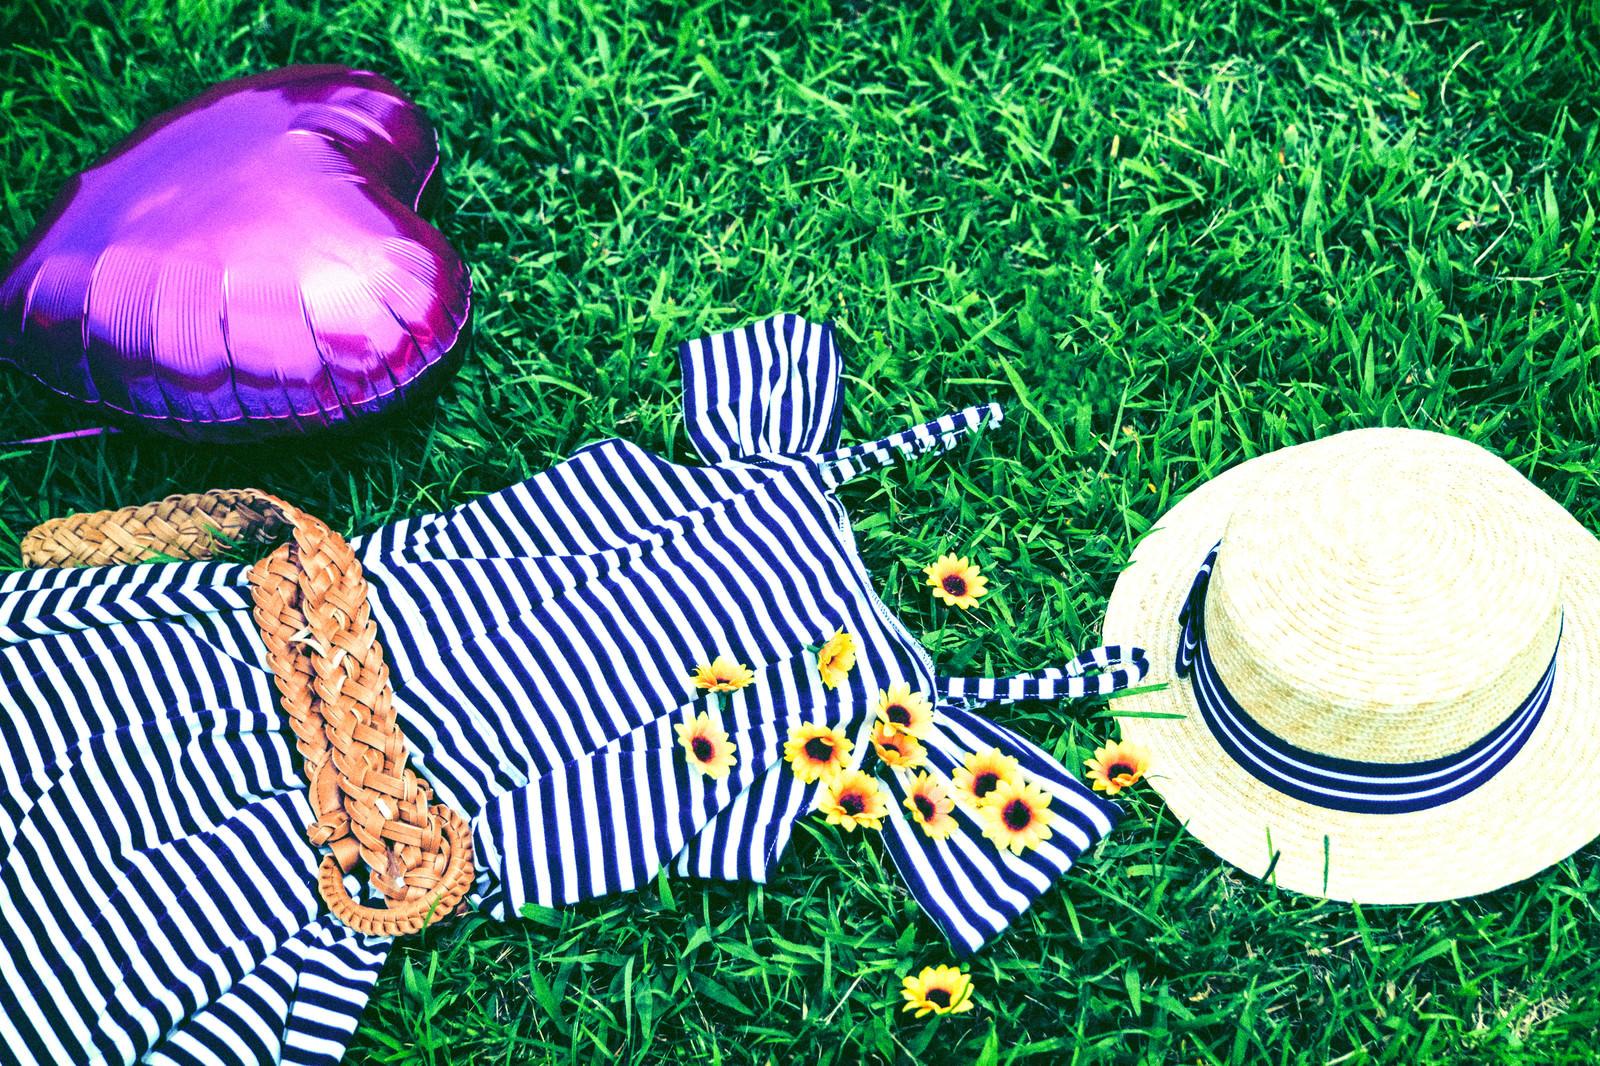 「麦わら帽子と女子の夏服」